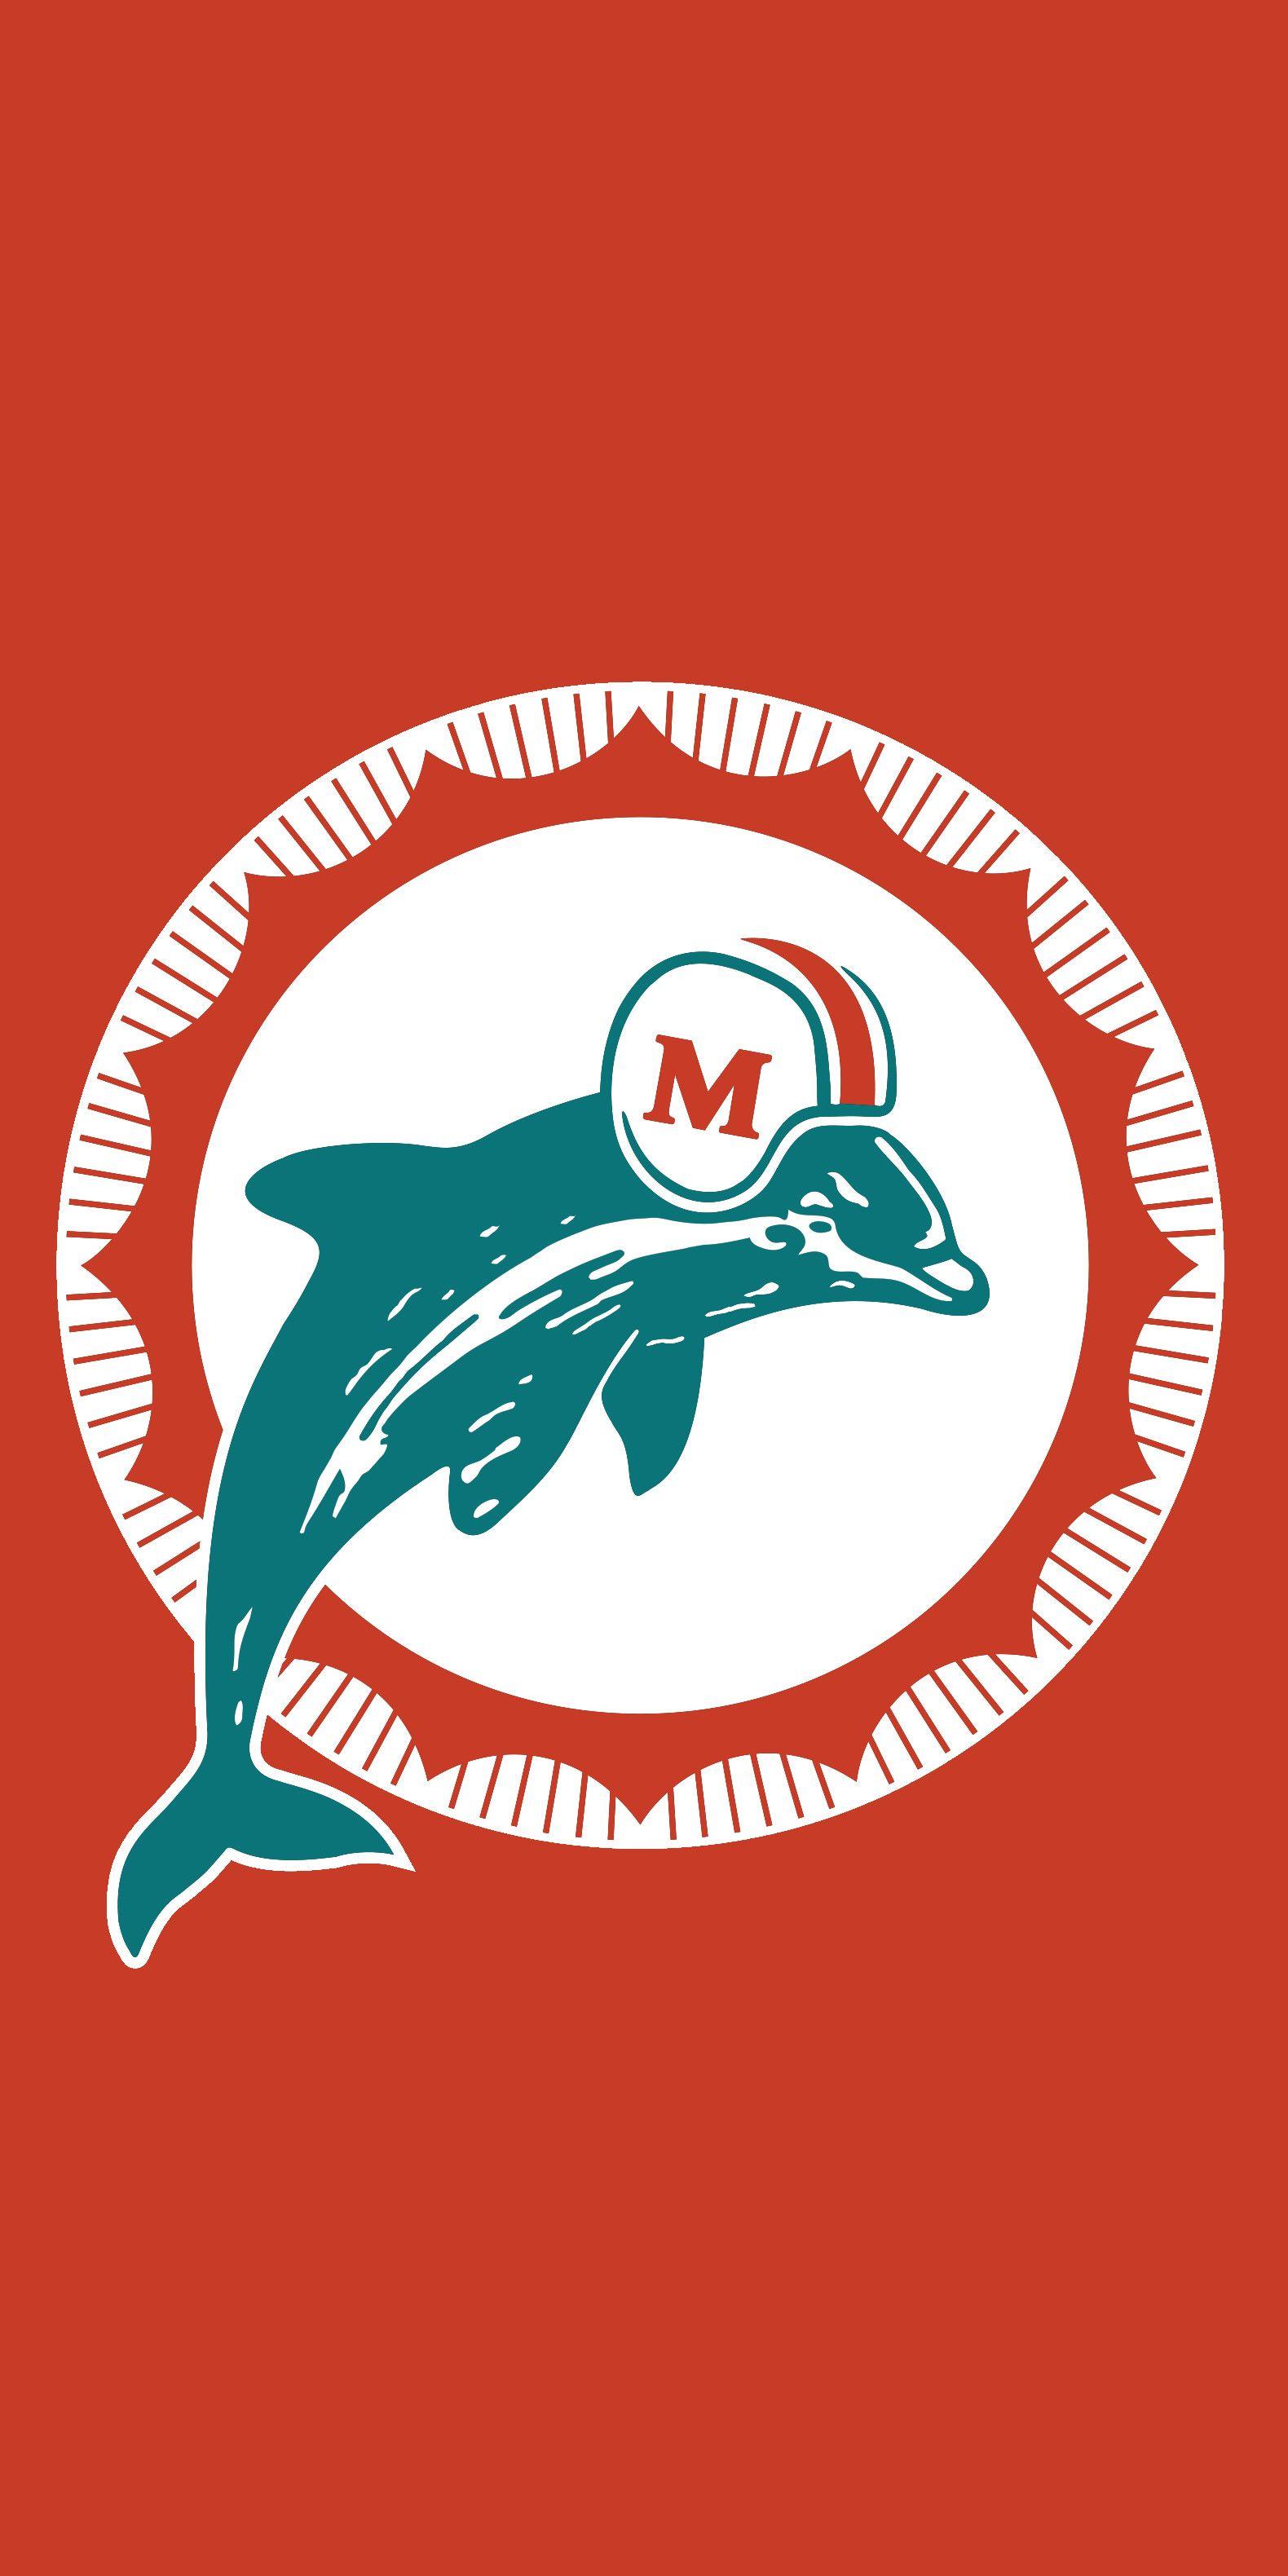 Miami Dolphins New Logo Wallpaper 65 Images Miami Dolphins Wallpaper Miami Dolphins Logo Miami Dolphins Football